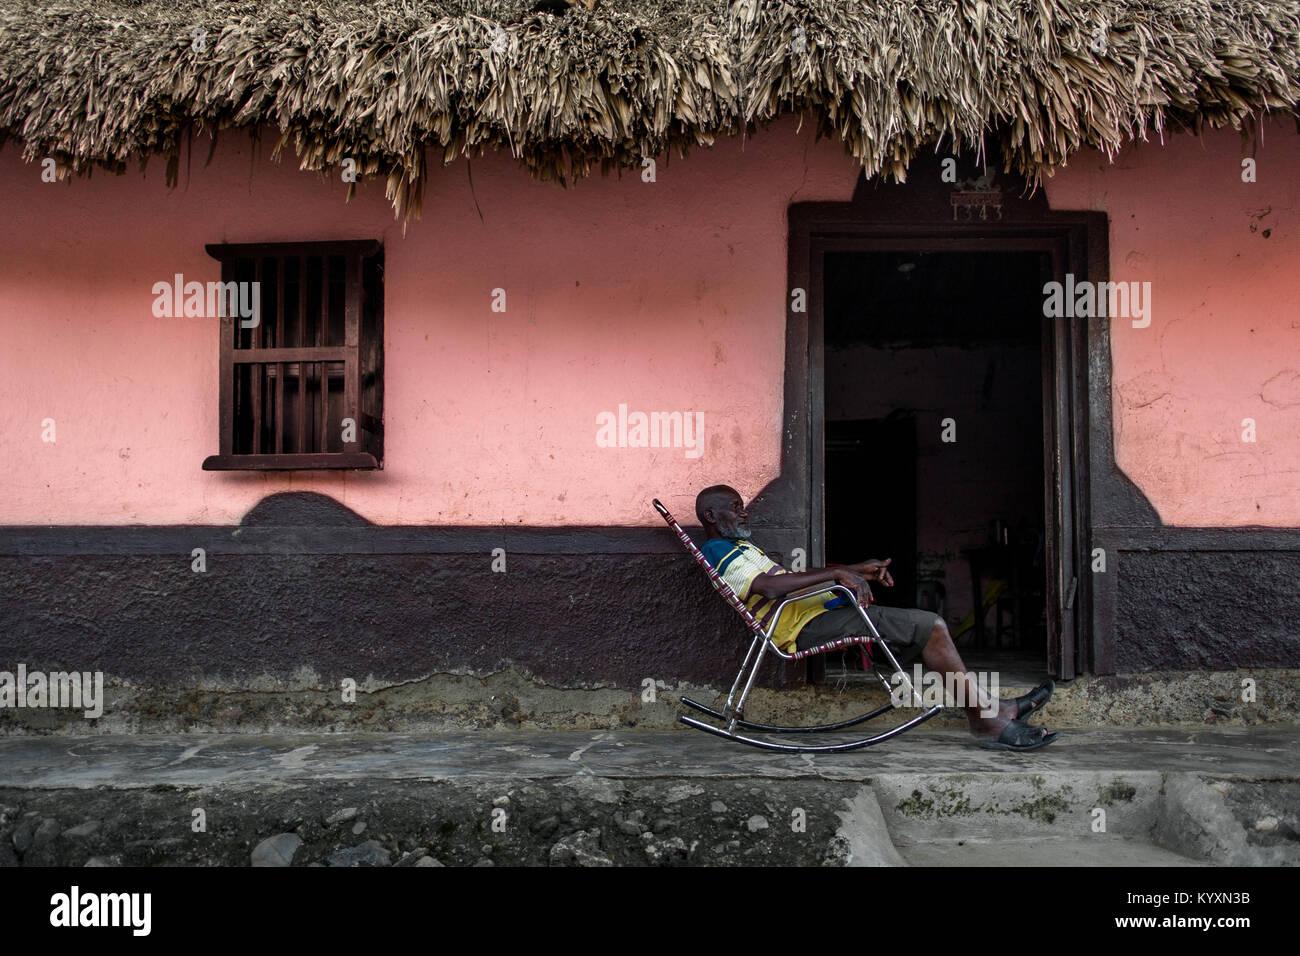 Un vieil homme est assis colombien dans un rocking-chair en face de sa maison à San Basilio de Palenque, un village de la région des Caraïbes de la Colombie. Banque D'Images